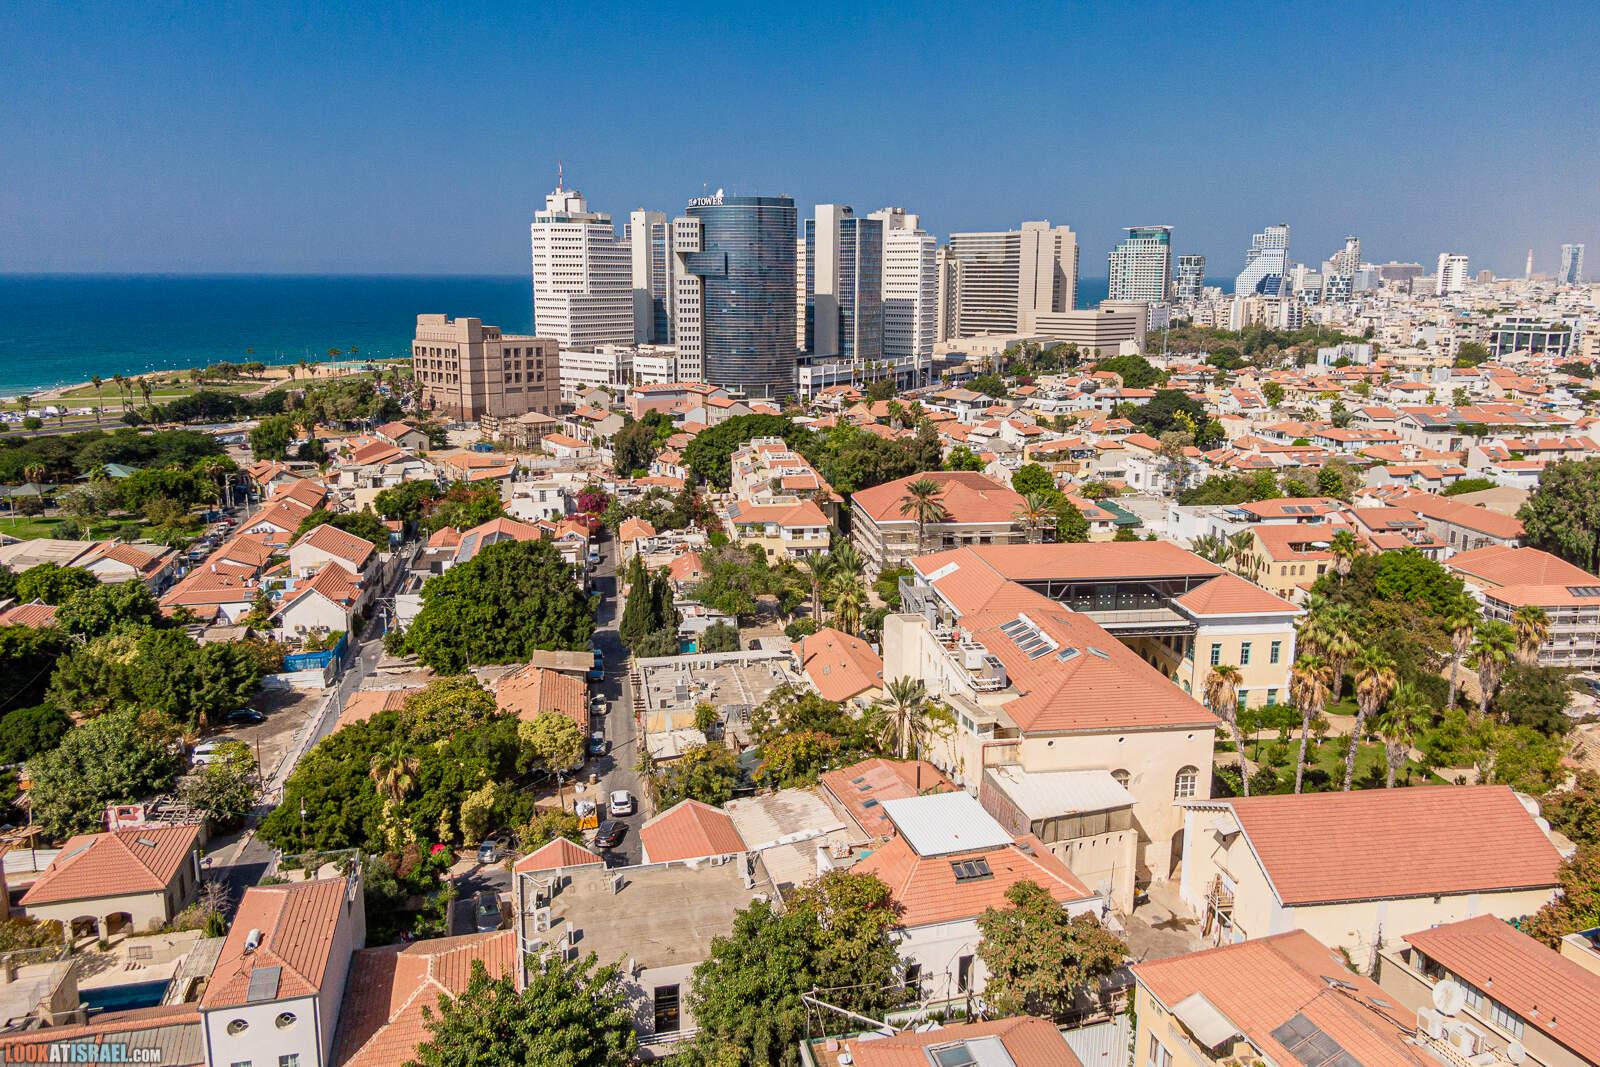 Неве Цедек и Флорнетин с высоты | LookAtIsrael.com - Фото путешествия по Израилю